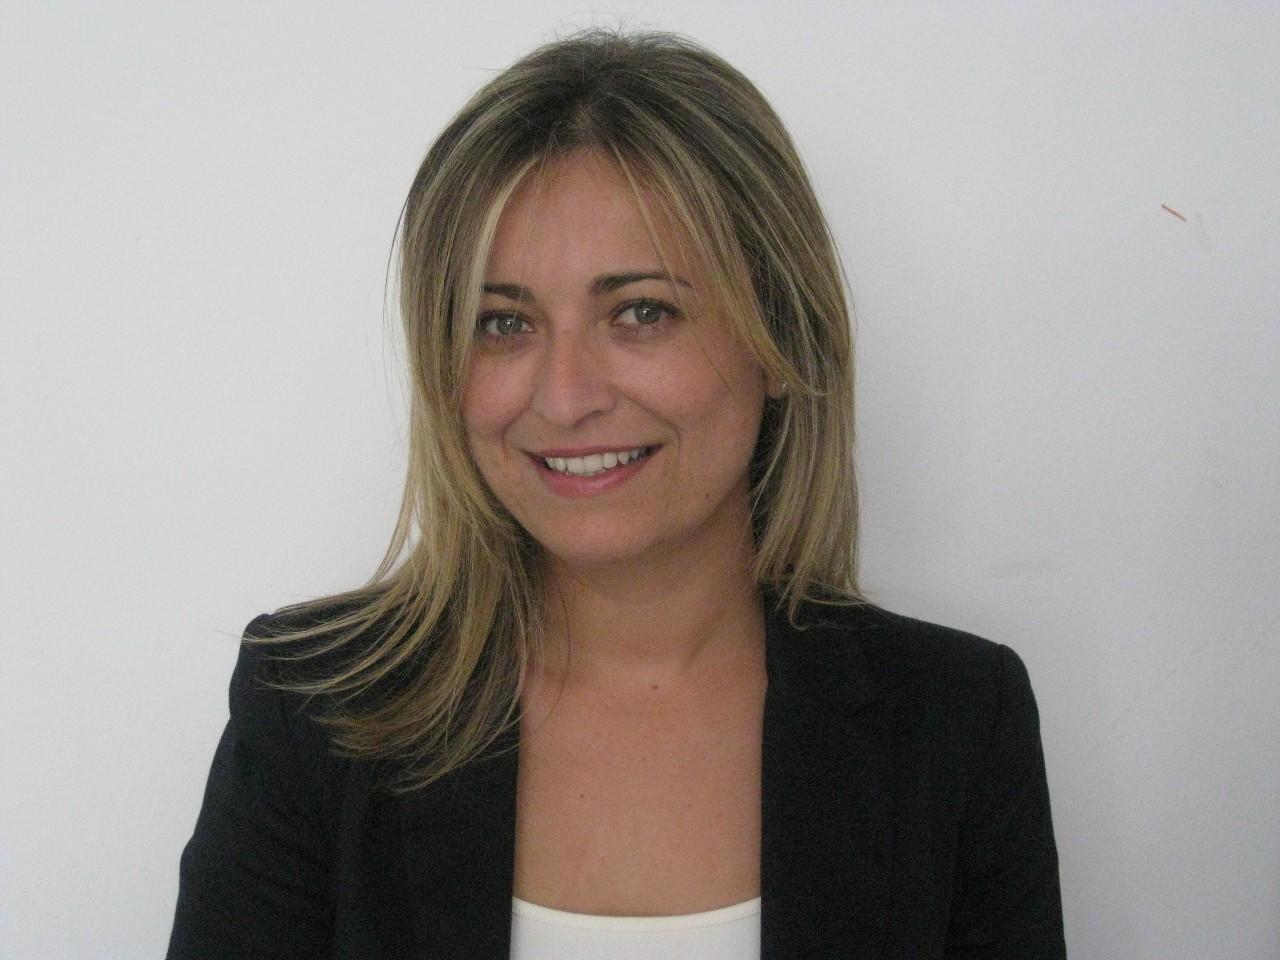 Montserrat Facundo Suarez